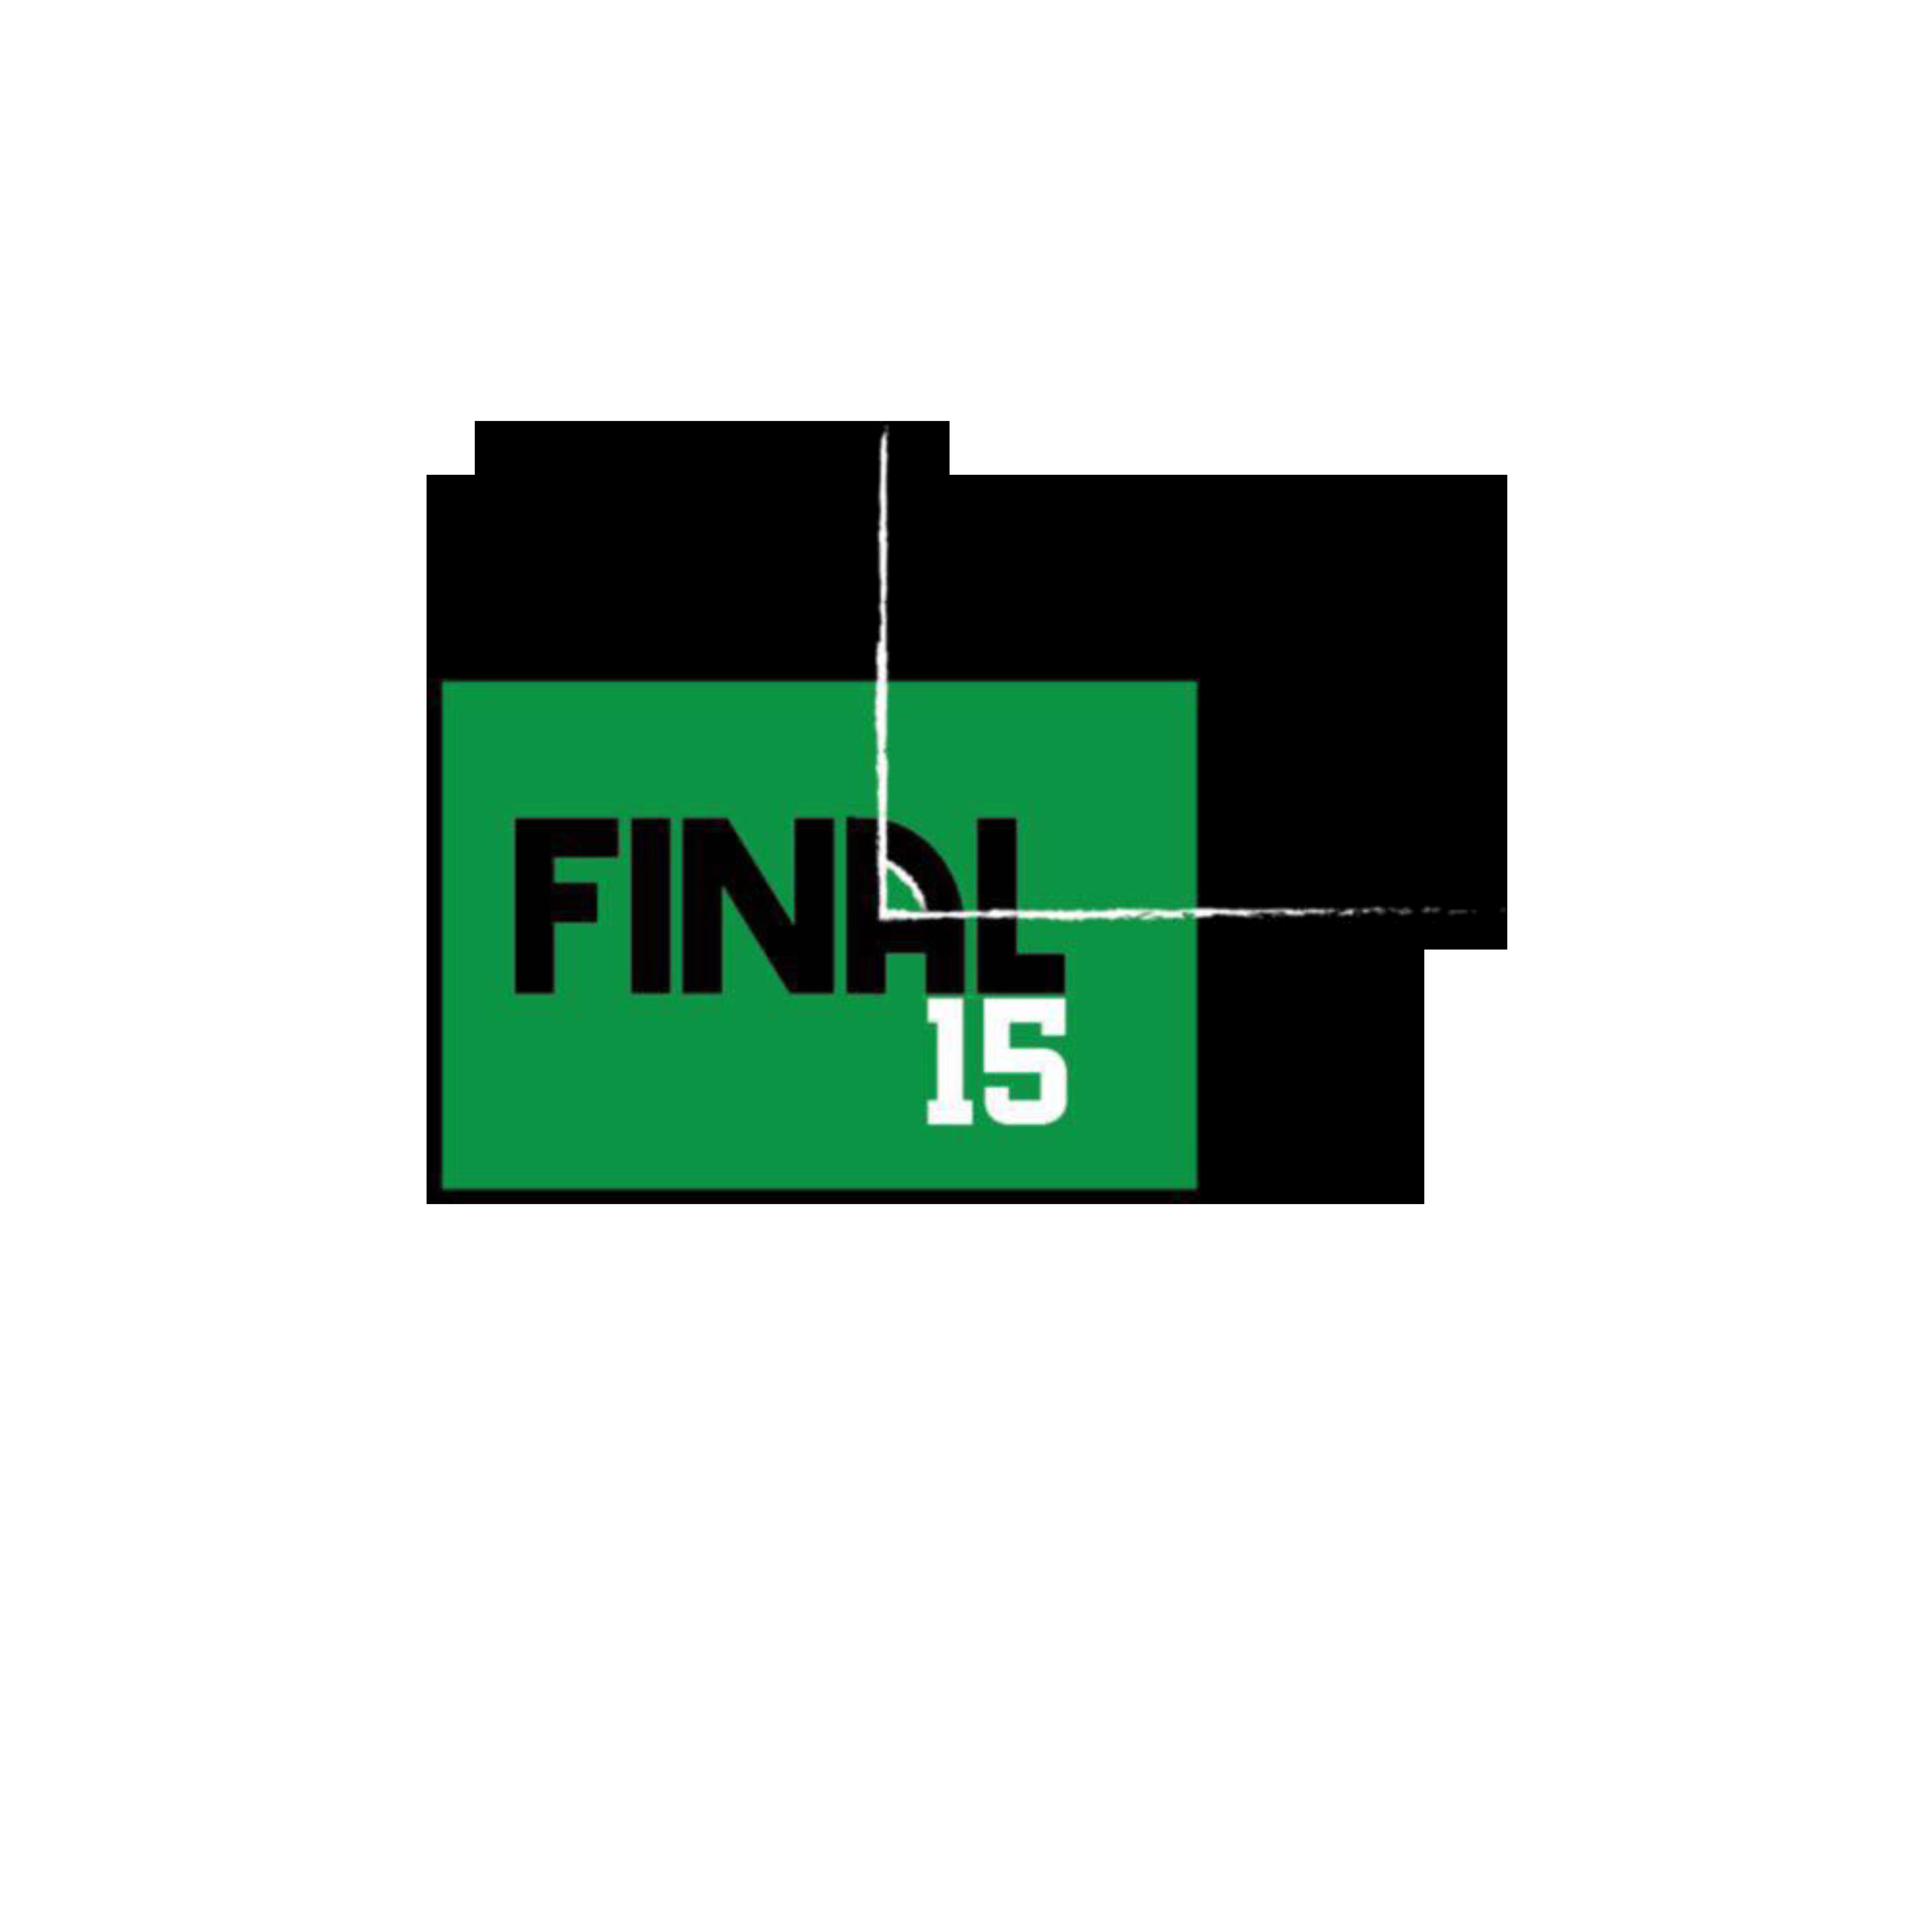 Final 15